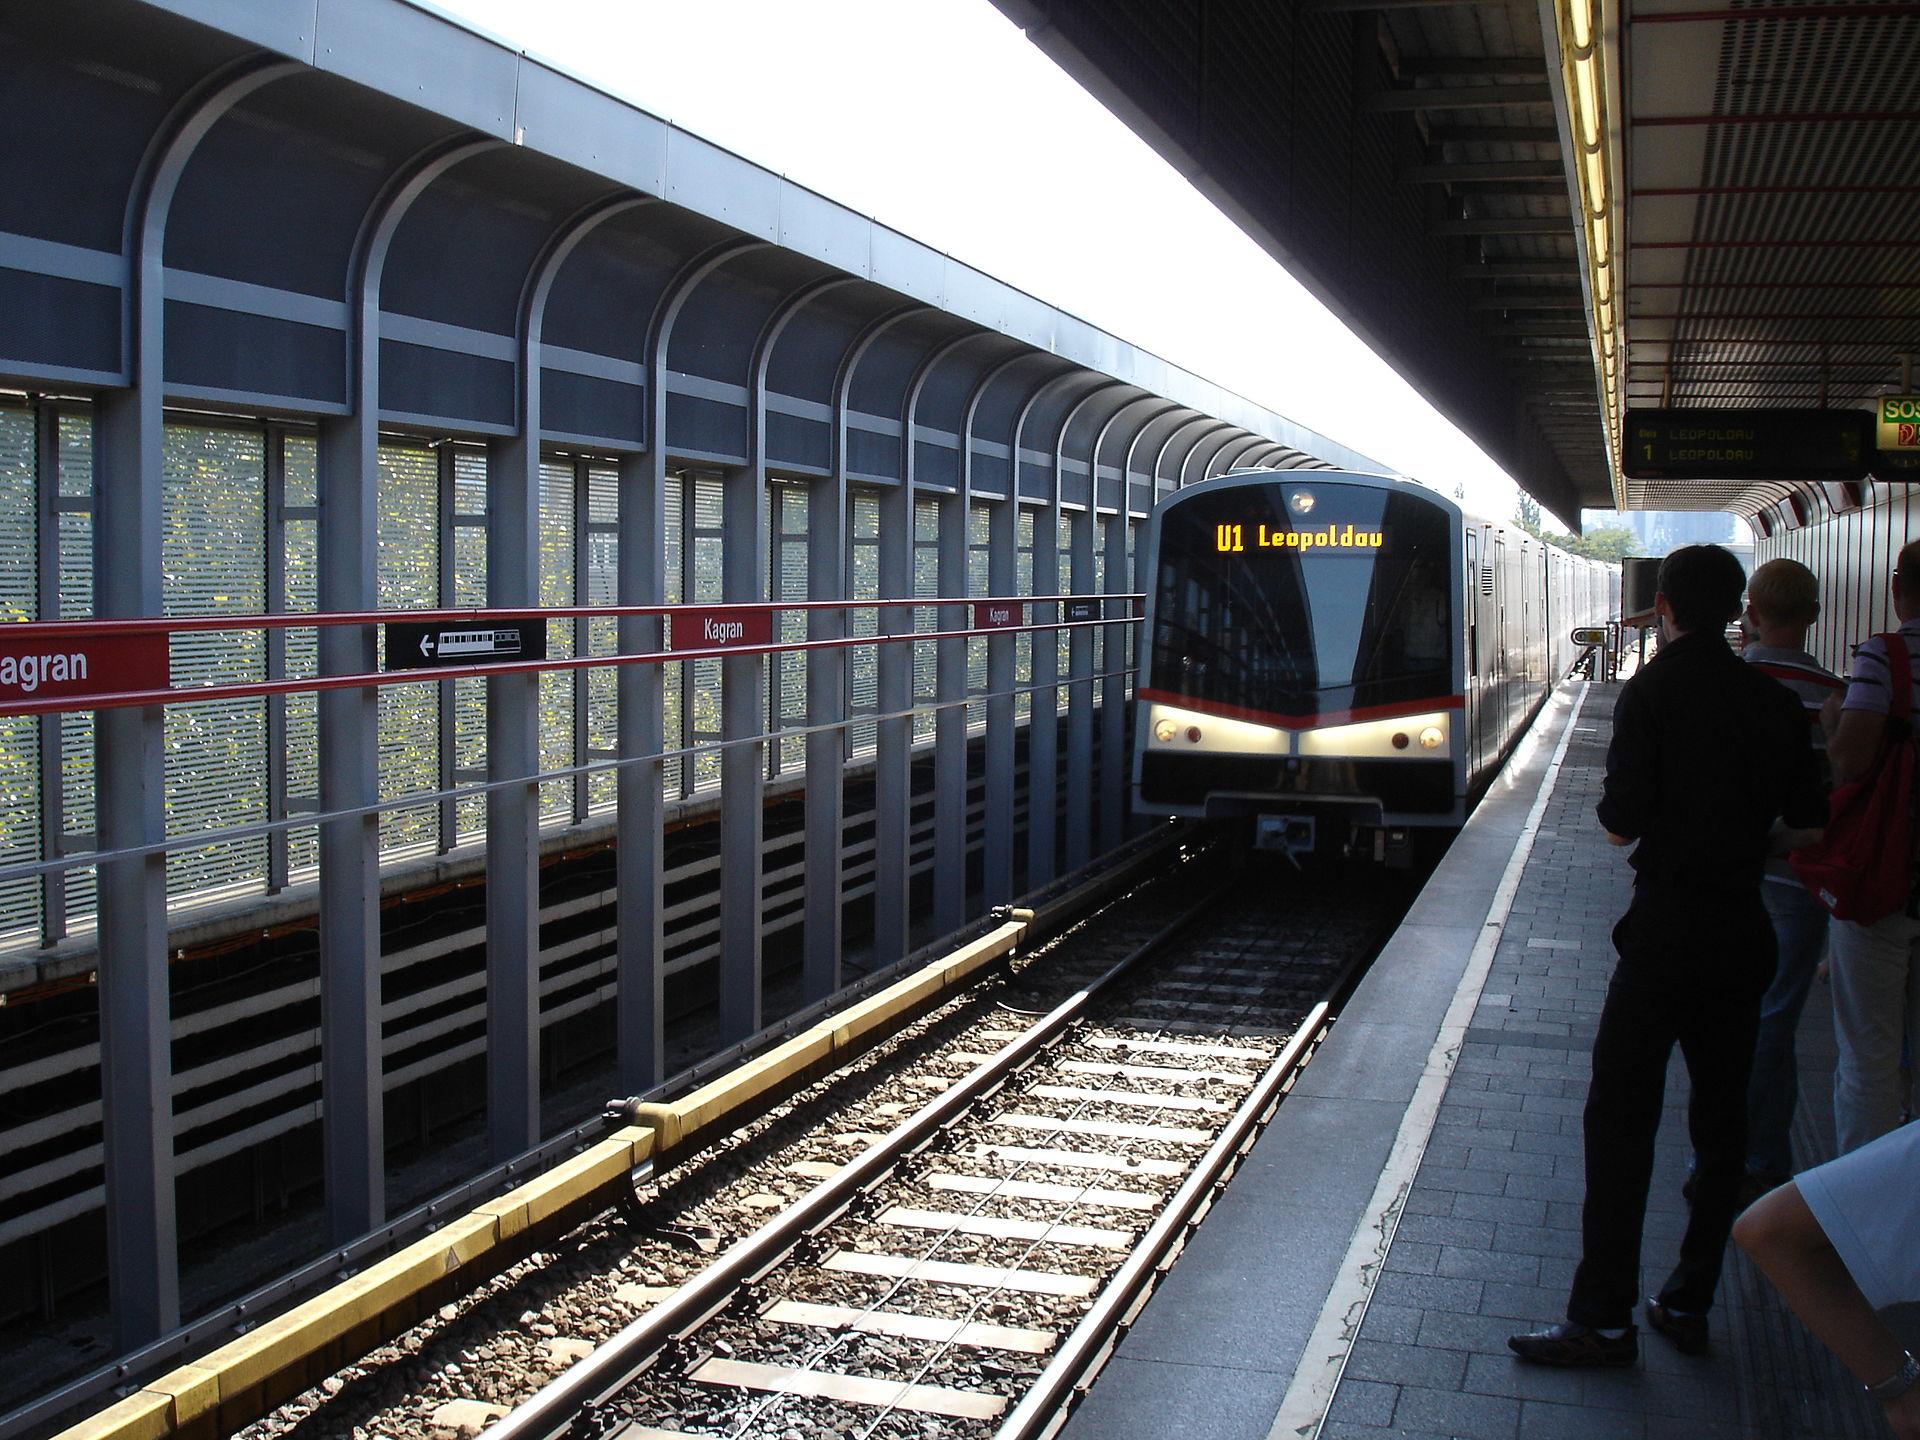 U1 (Vienna U-Bahn) - Wikipedia